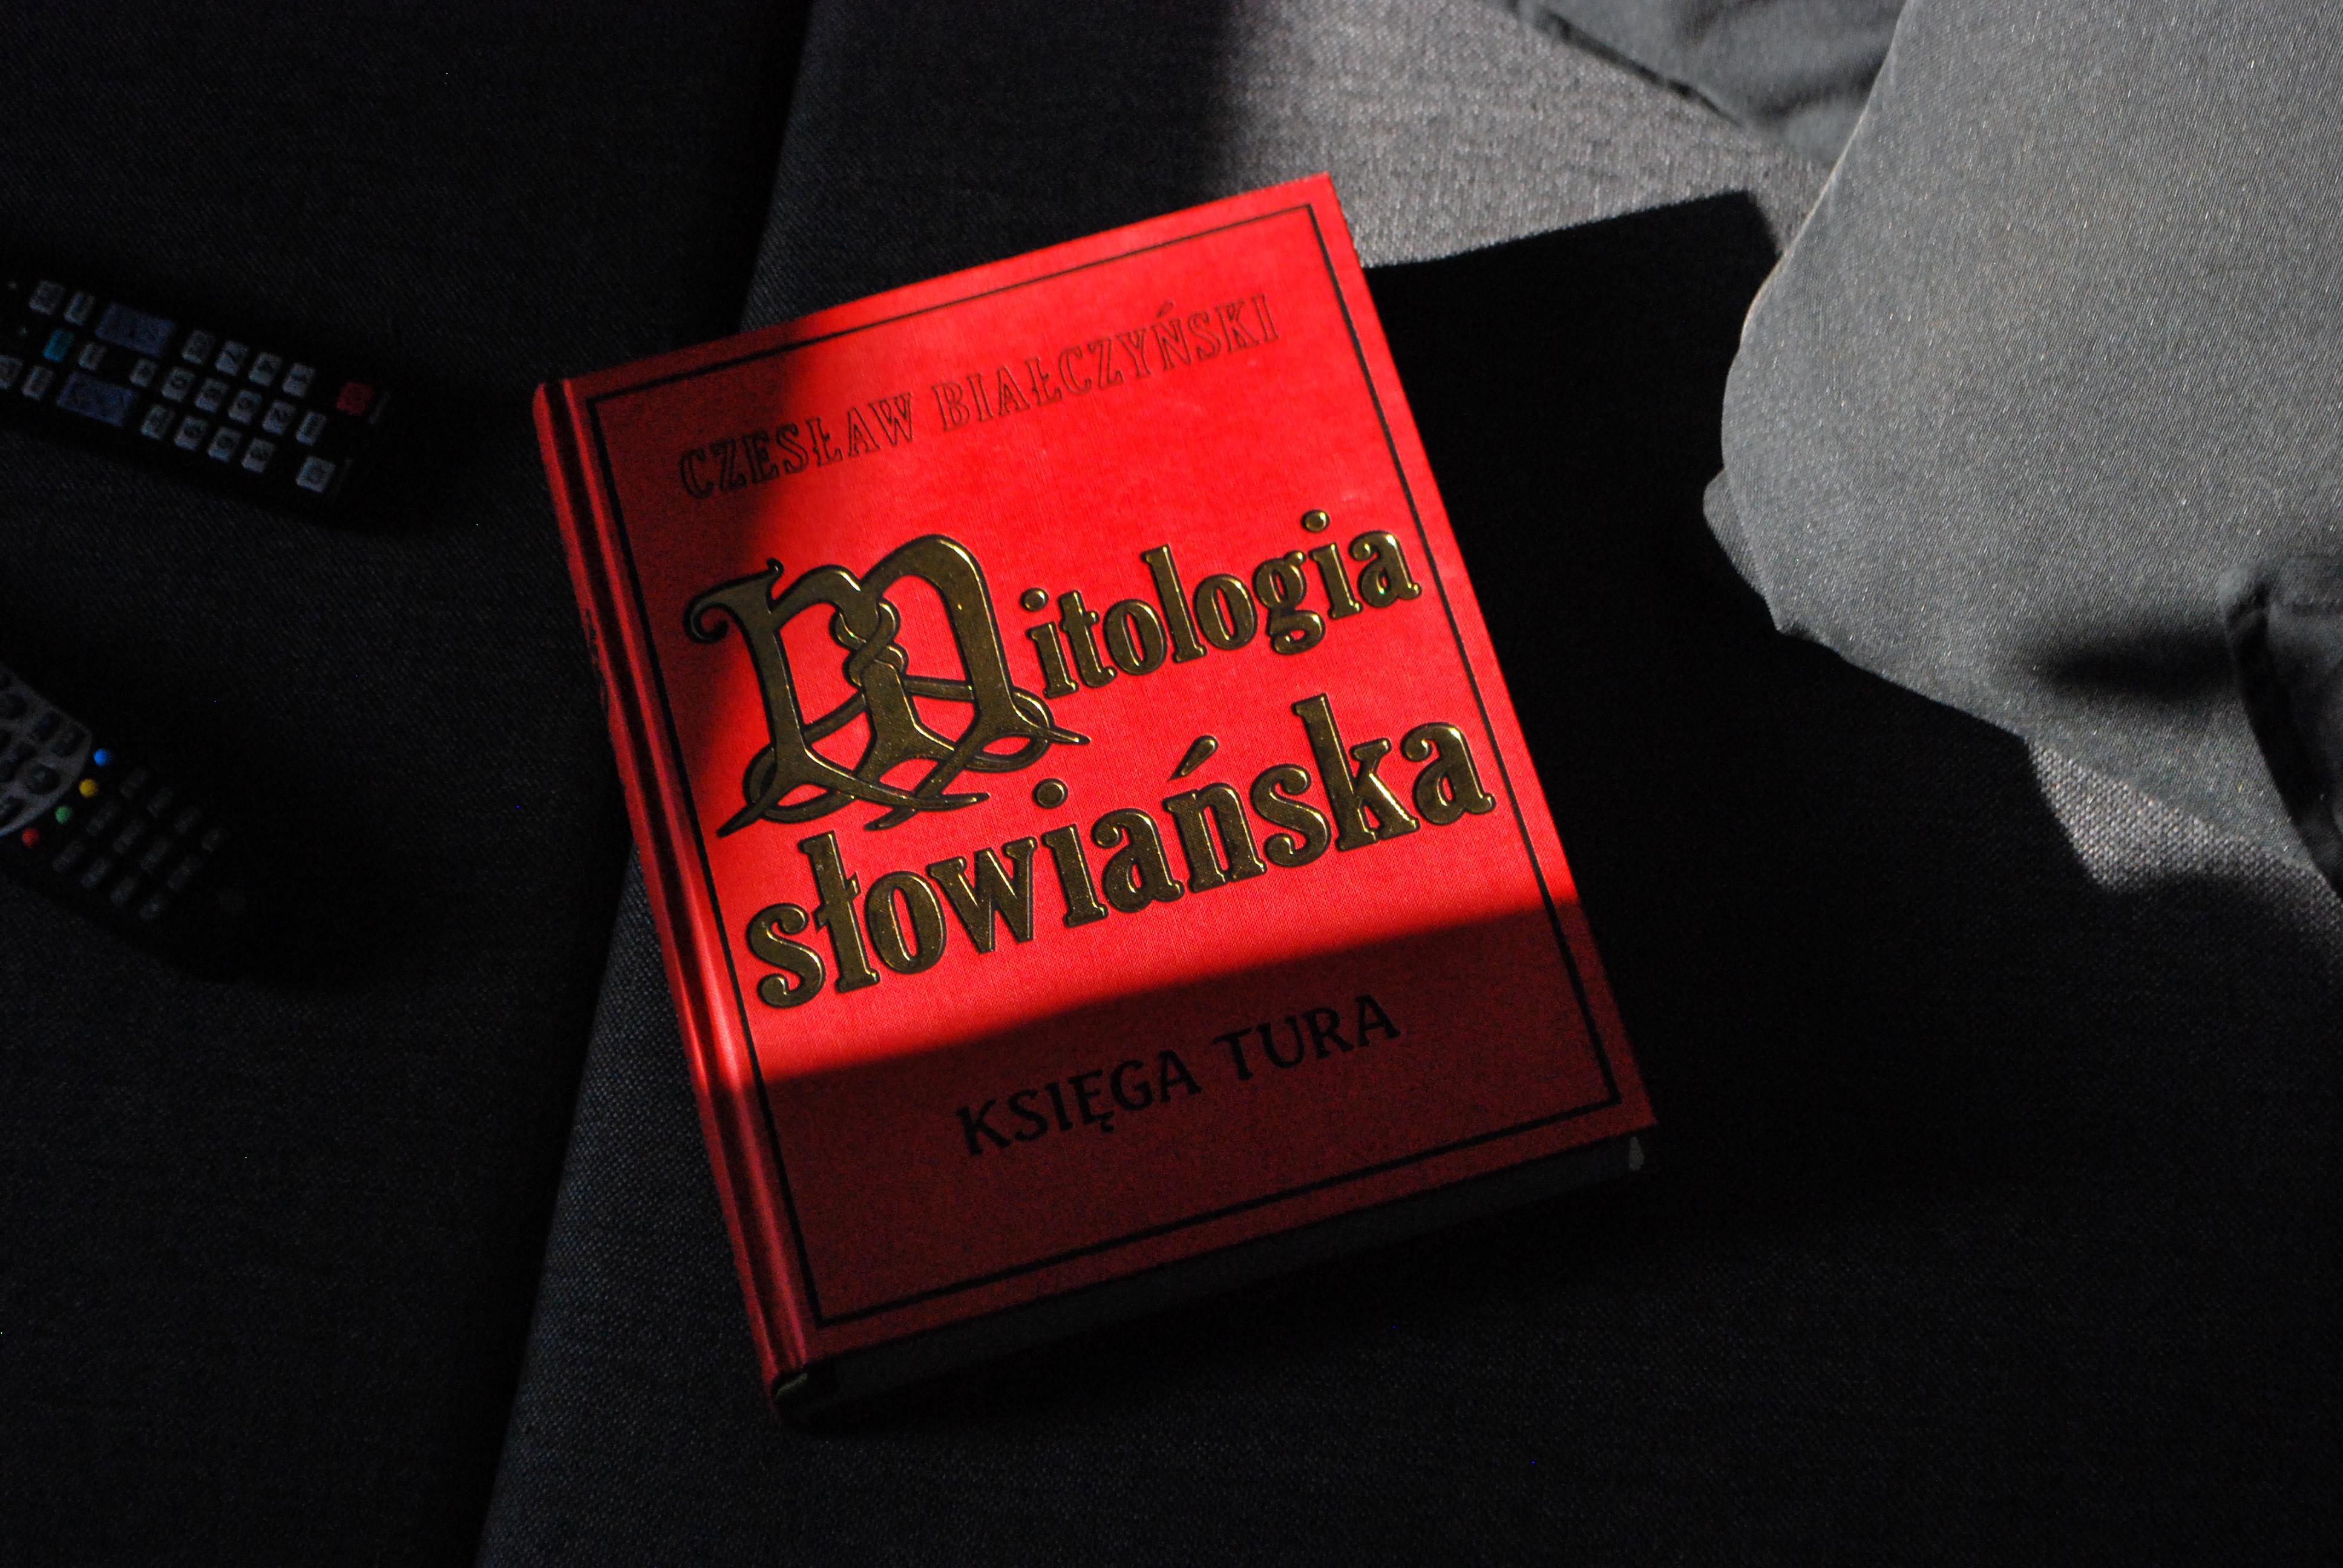 marcin-oczkowski-okiart-bialczynski-mitologia-slowianska11